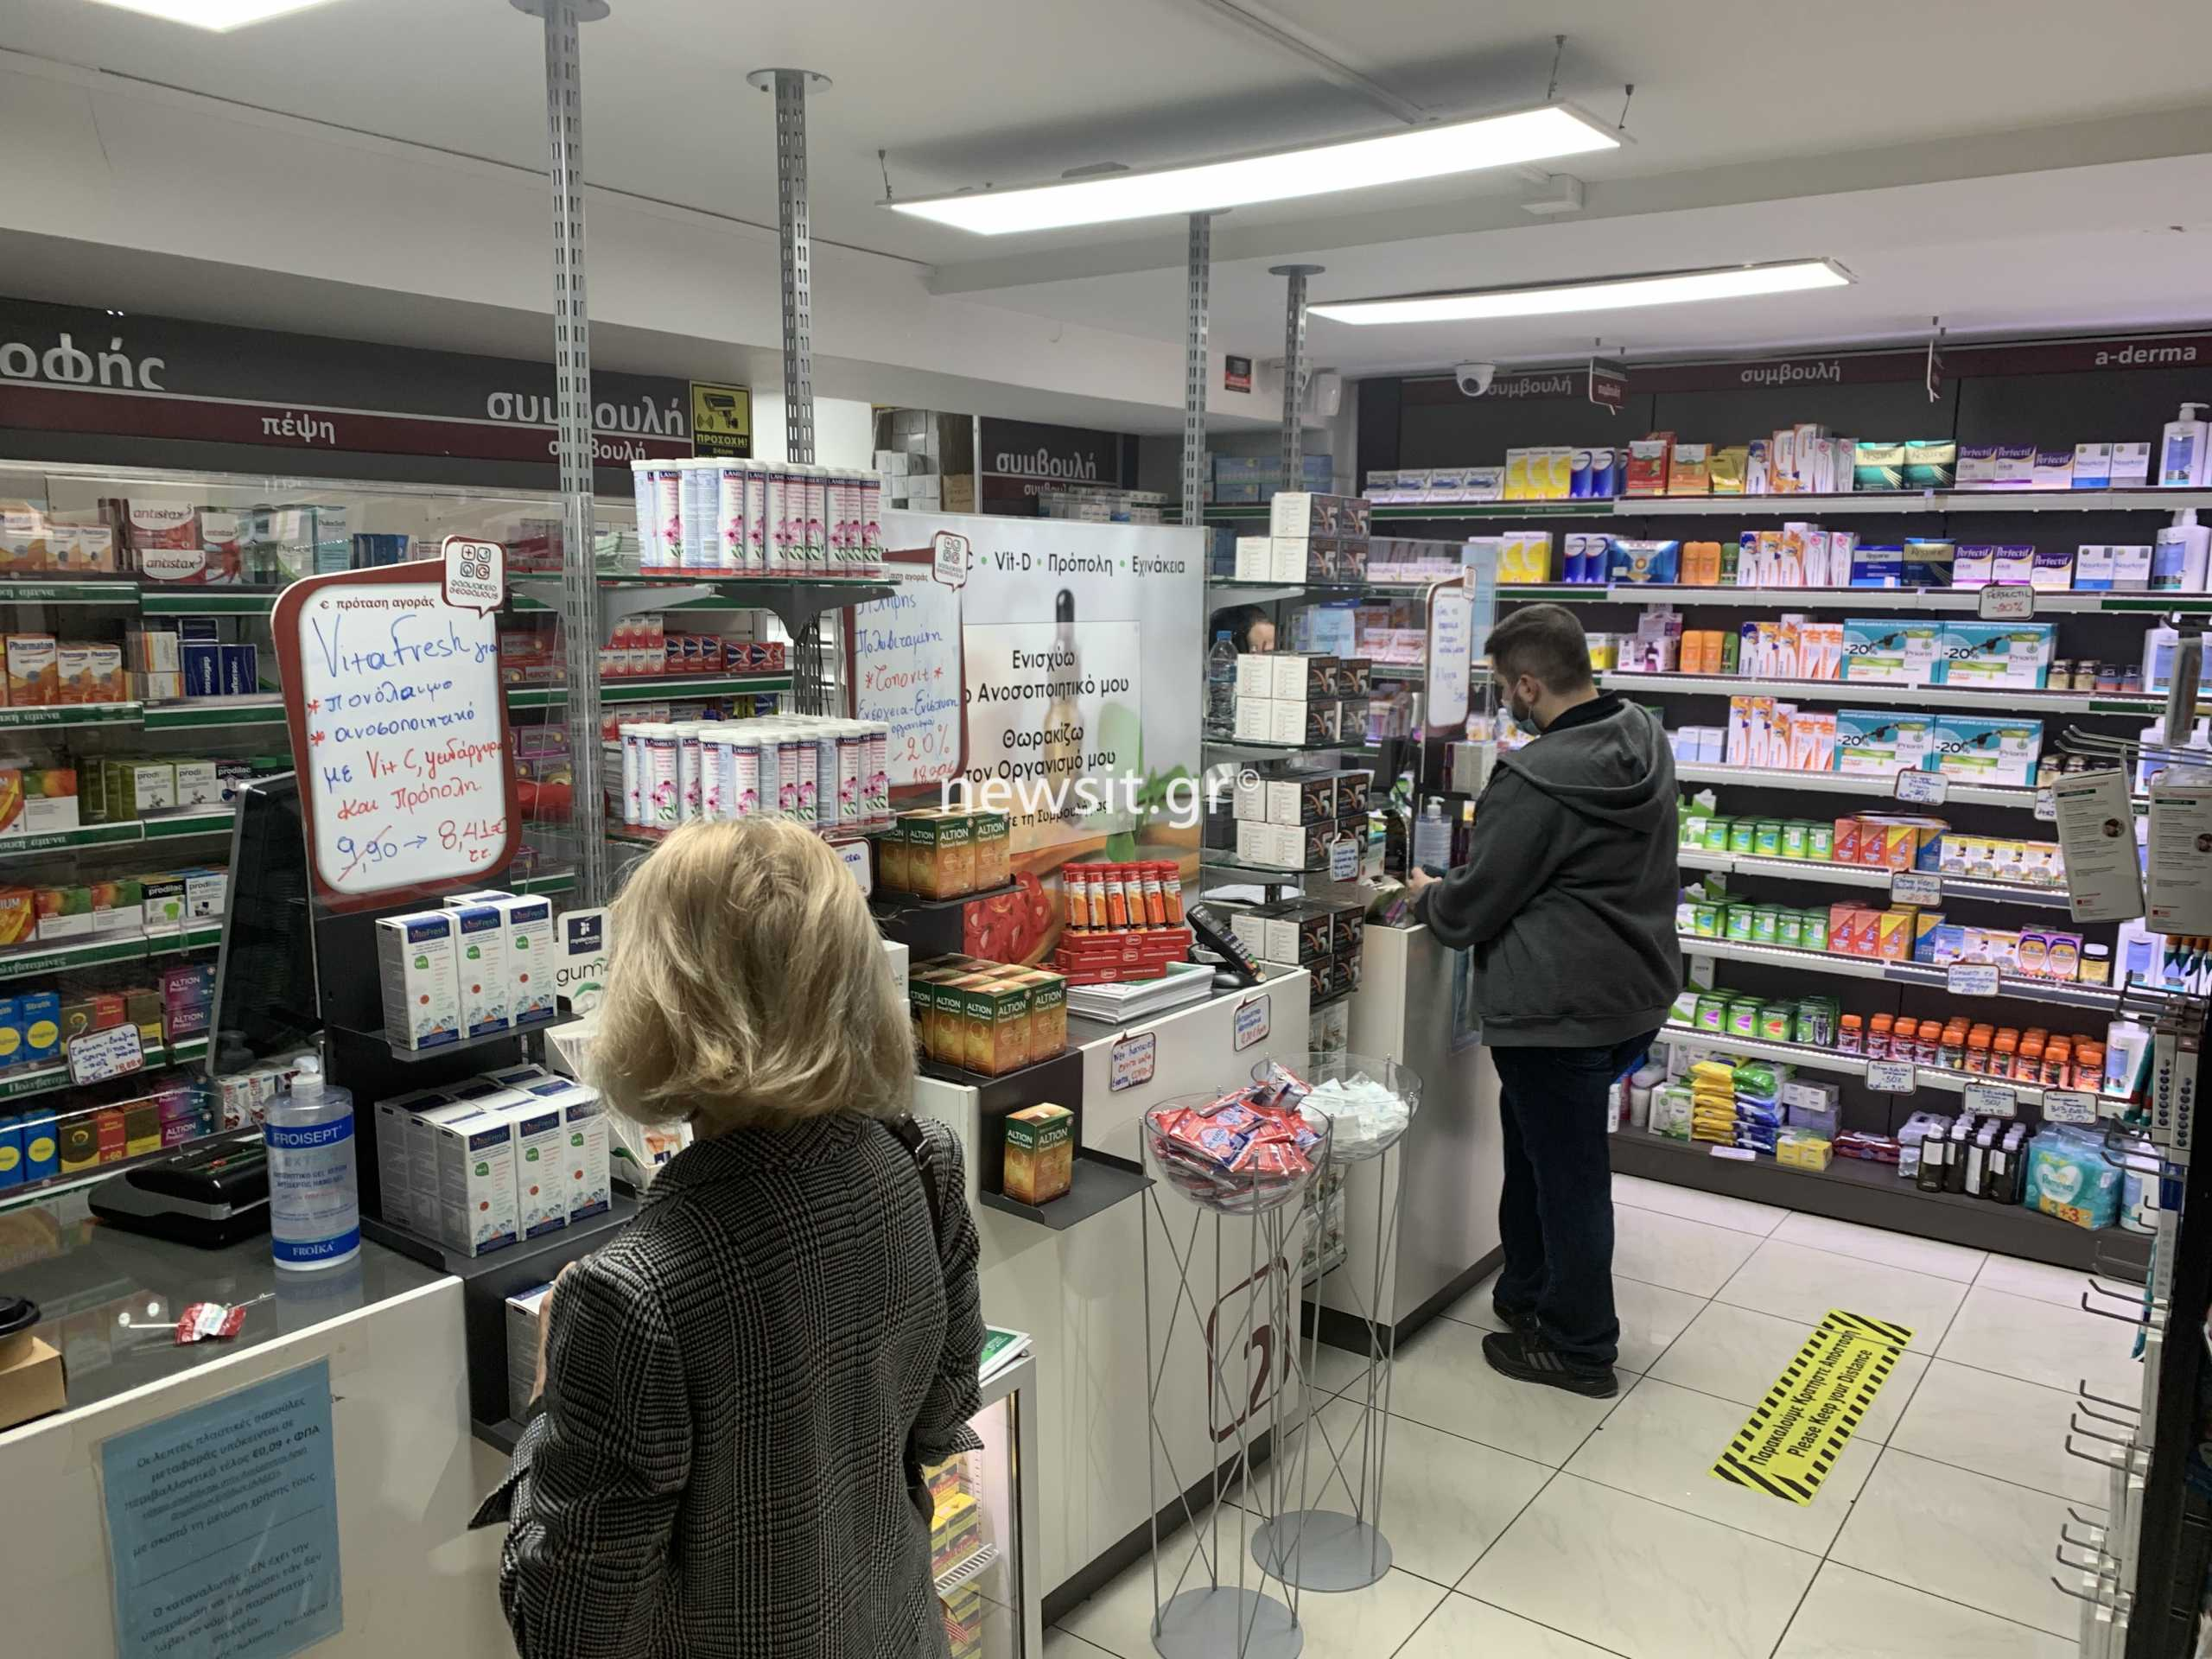 Βροχή οι ακυρώσεις των εμβολιασμών με το Astrazeneca – Τι λένε οι φαρμακοποιοί στο newsit.gr